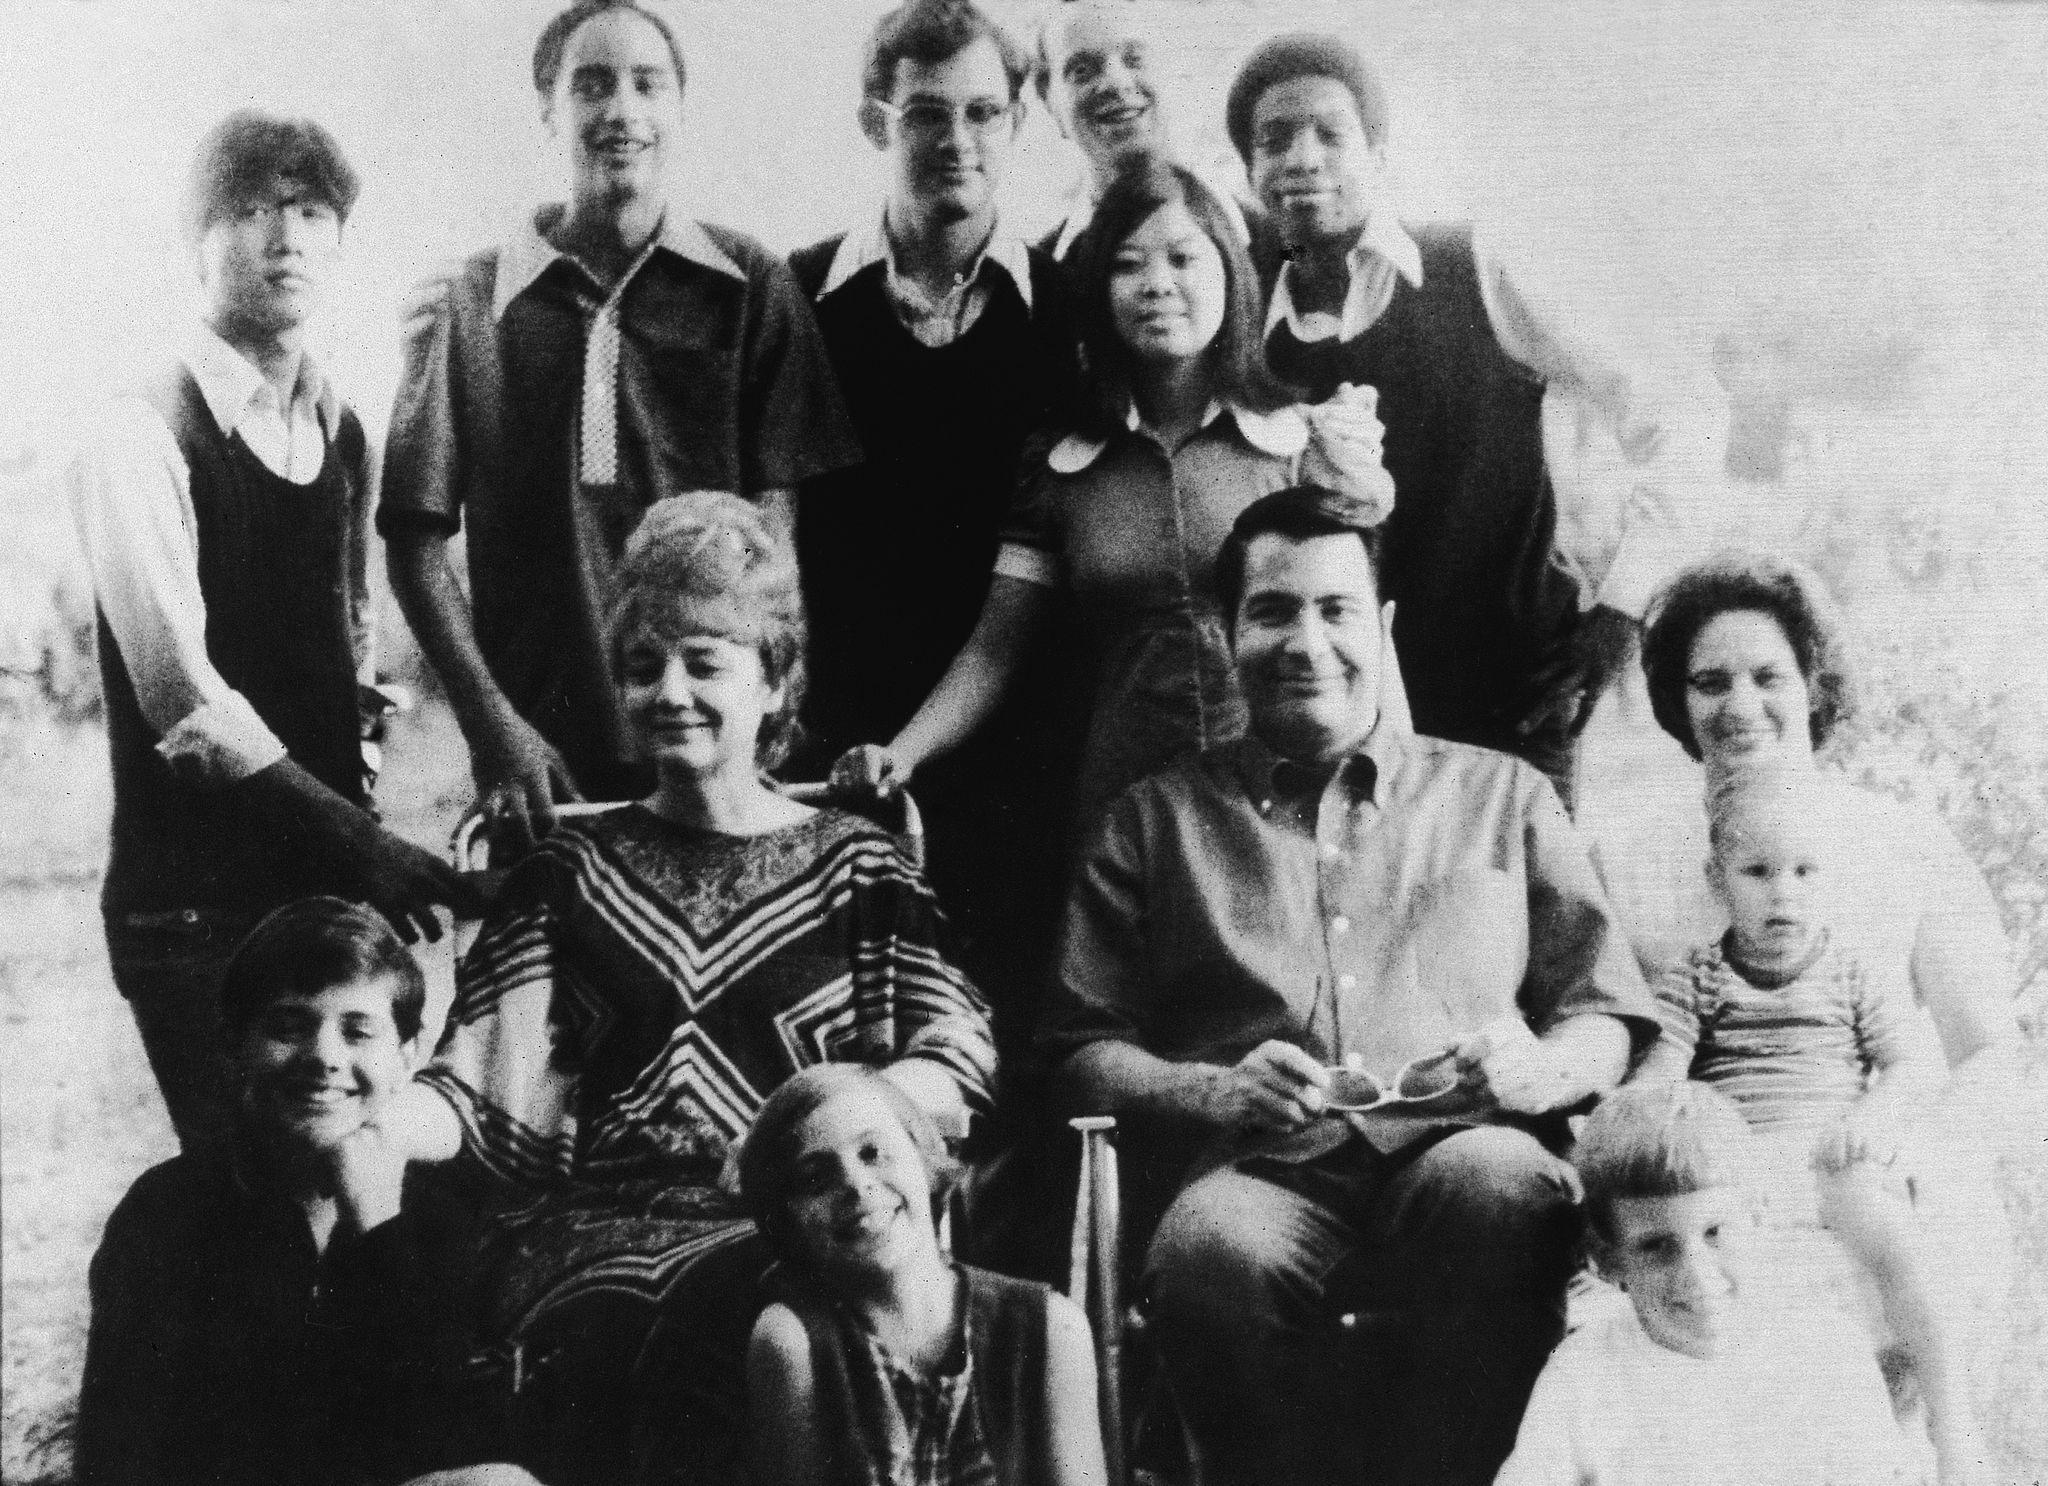 1976. Портрет американского религиозного лидера Джима Джонса (1931 - 1978) и его жены Марселин Джонс (1927 - 1978), сидящей перед своими приемными де…